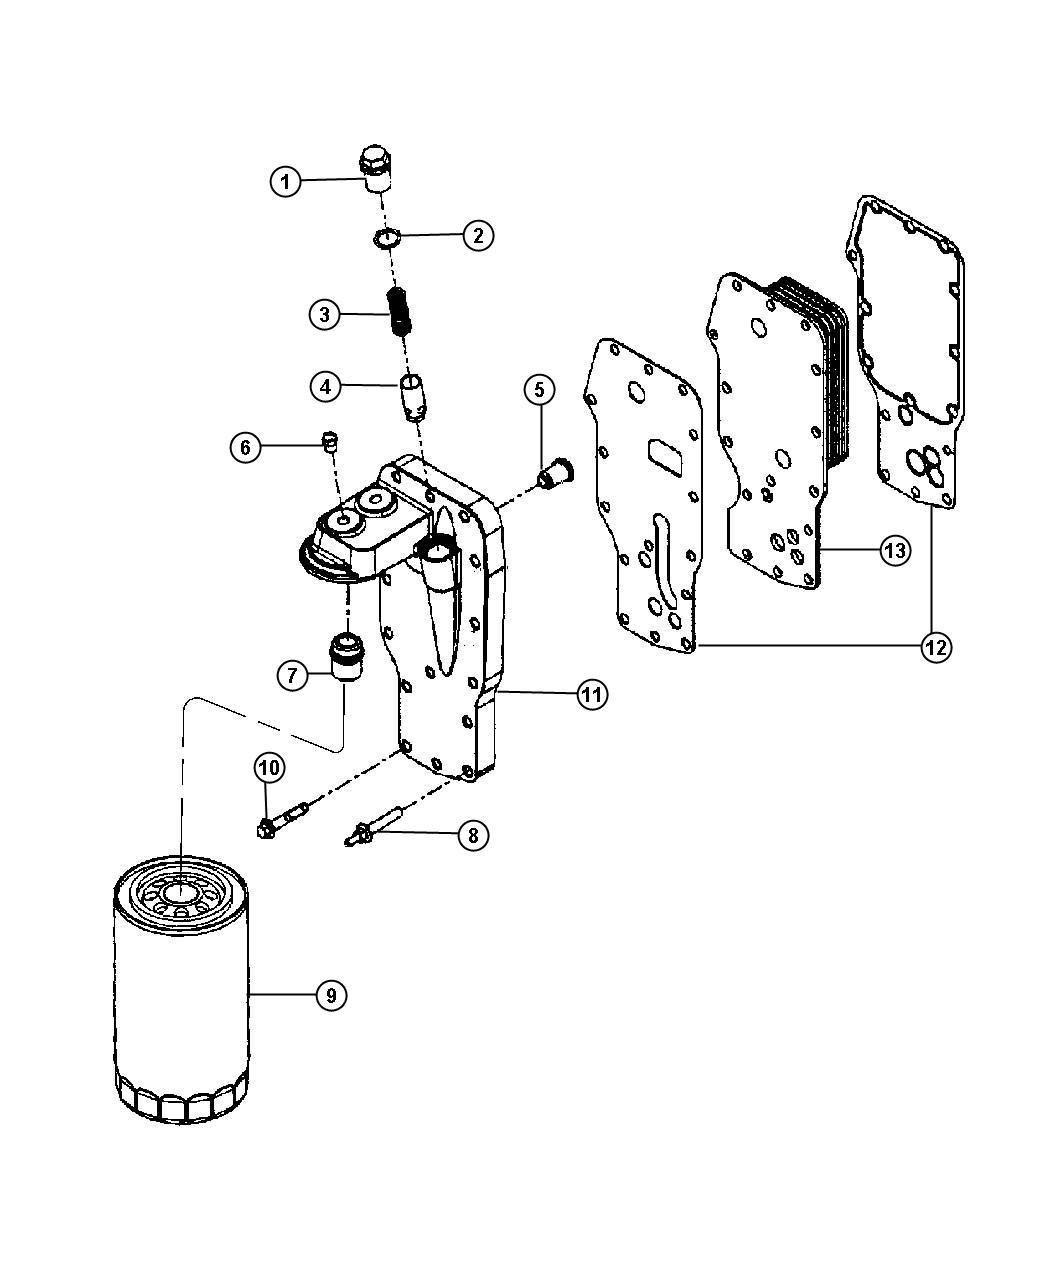 Ram Valve Oil Pressure Relief